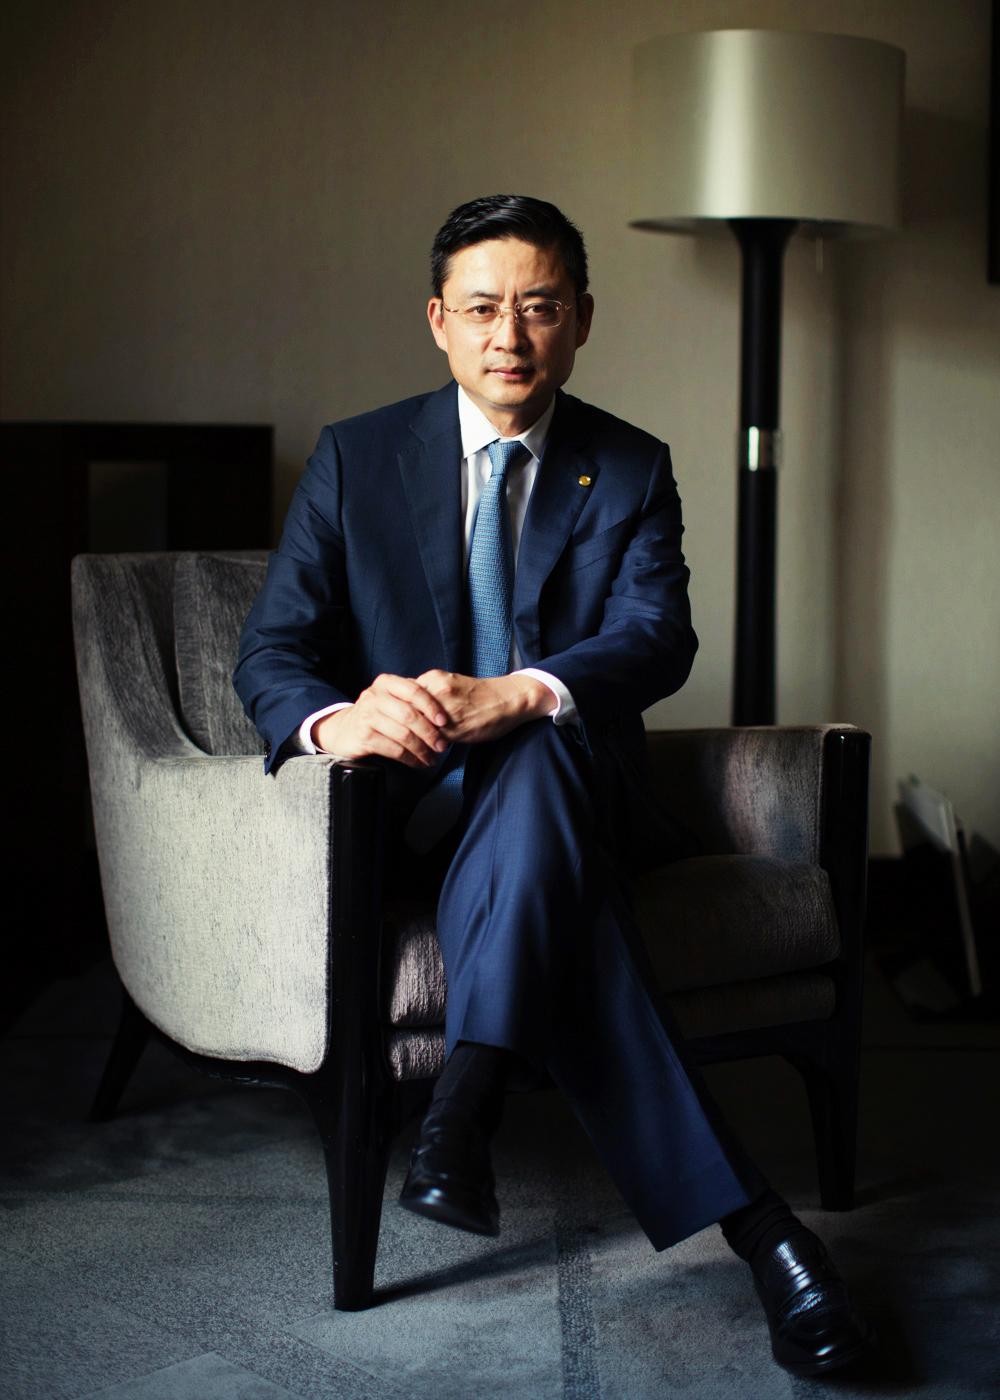 Adam Tan, CEO of HNA group